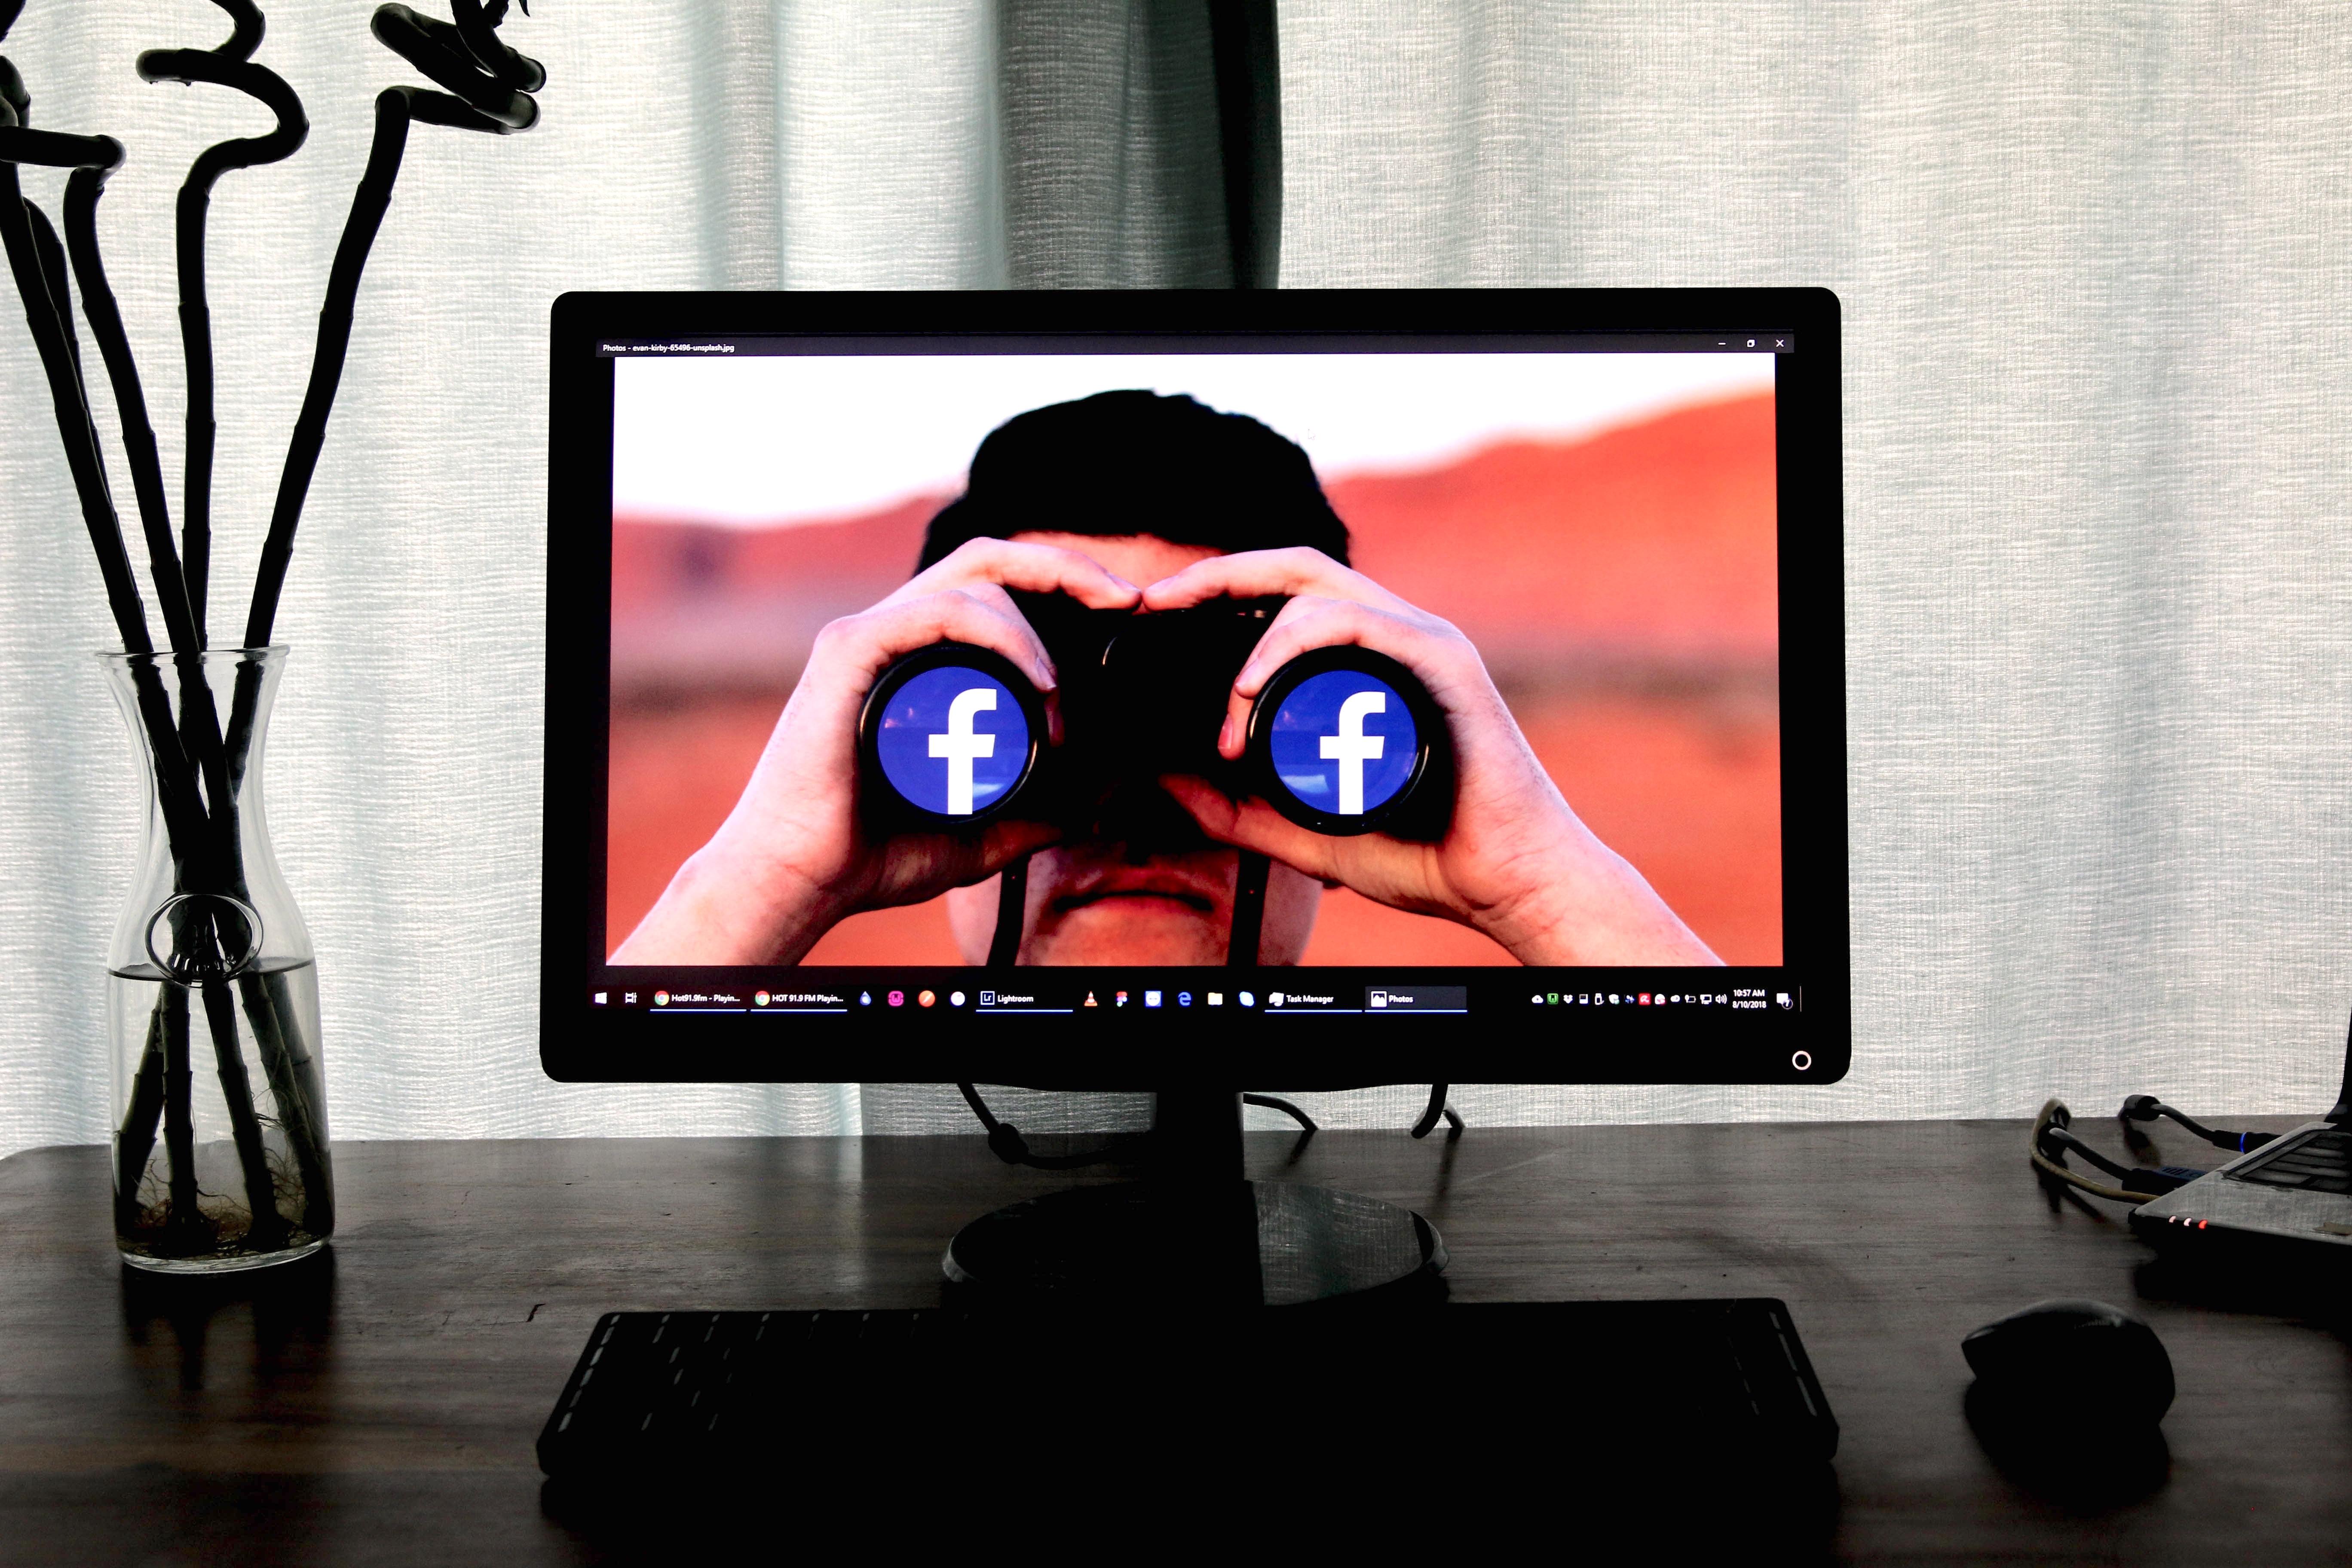 Rekruttering via de sociale medier - hvorfor og hvordan?